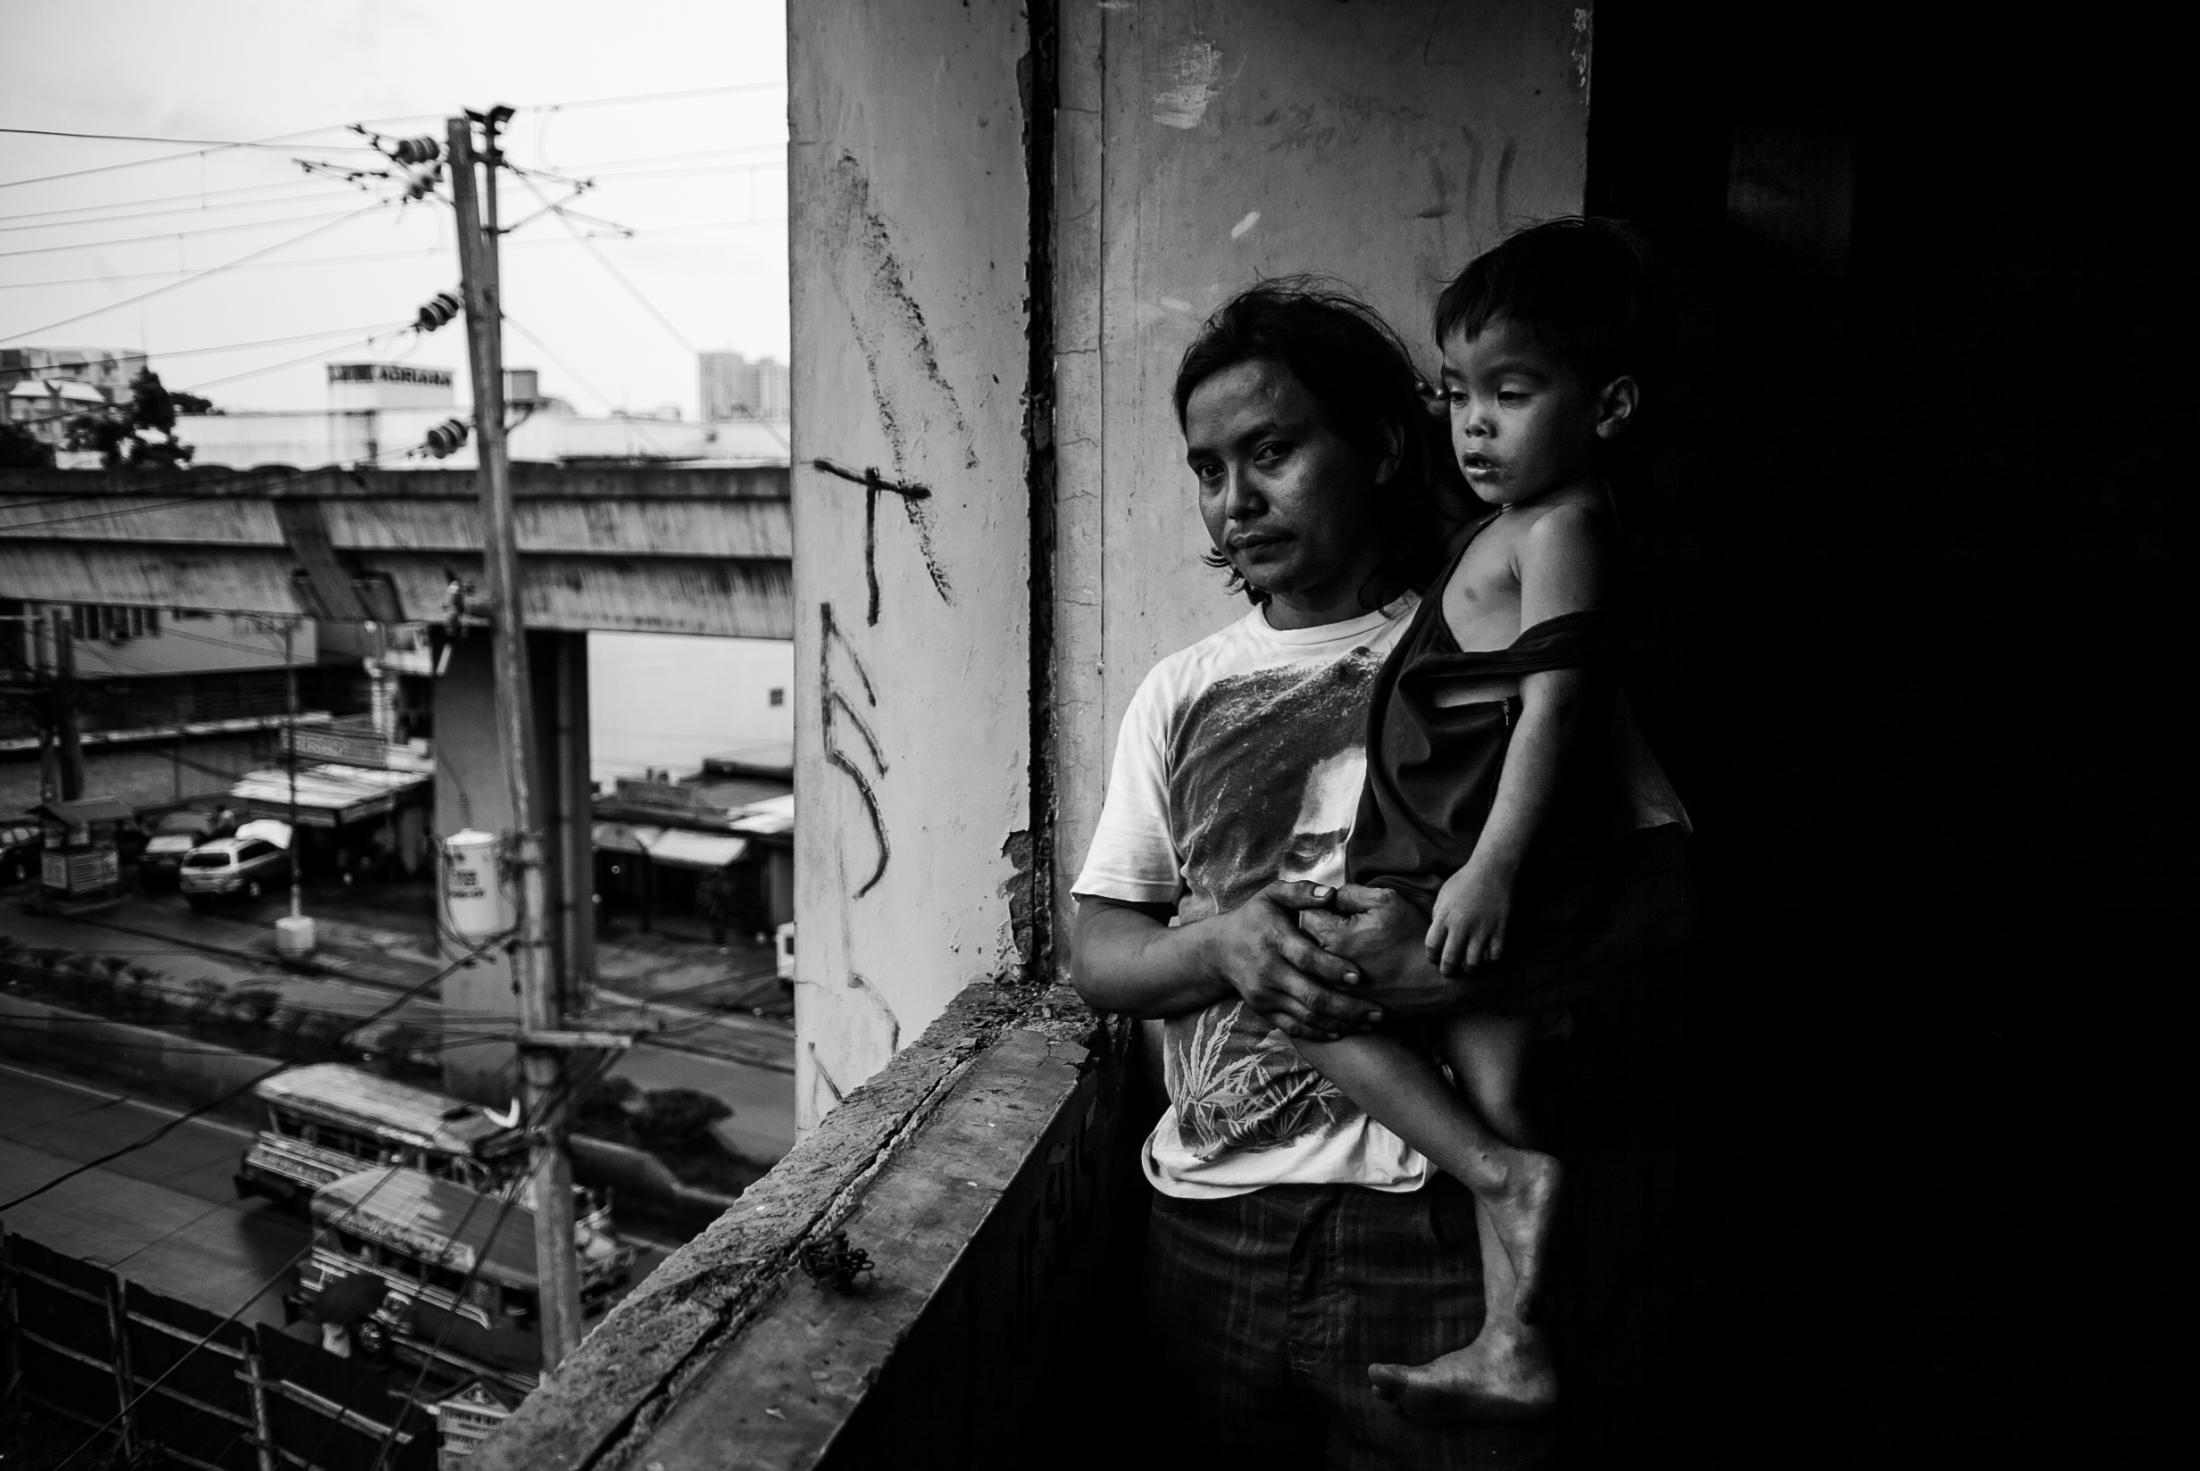 Poverty In Manila2/11/12 20120211-1 (57).JPG